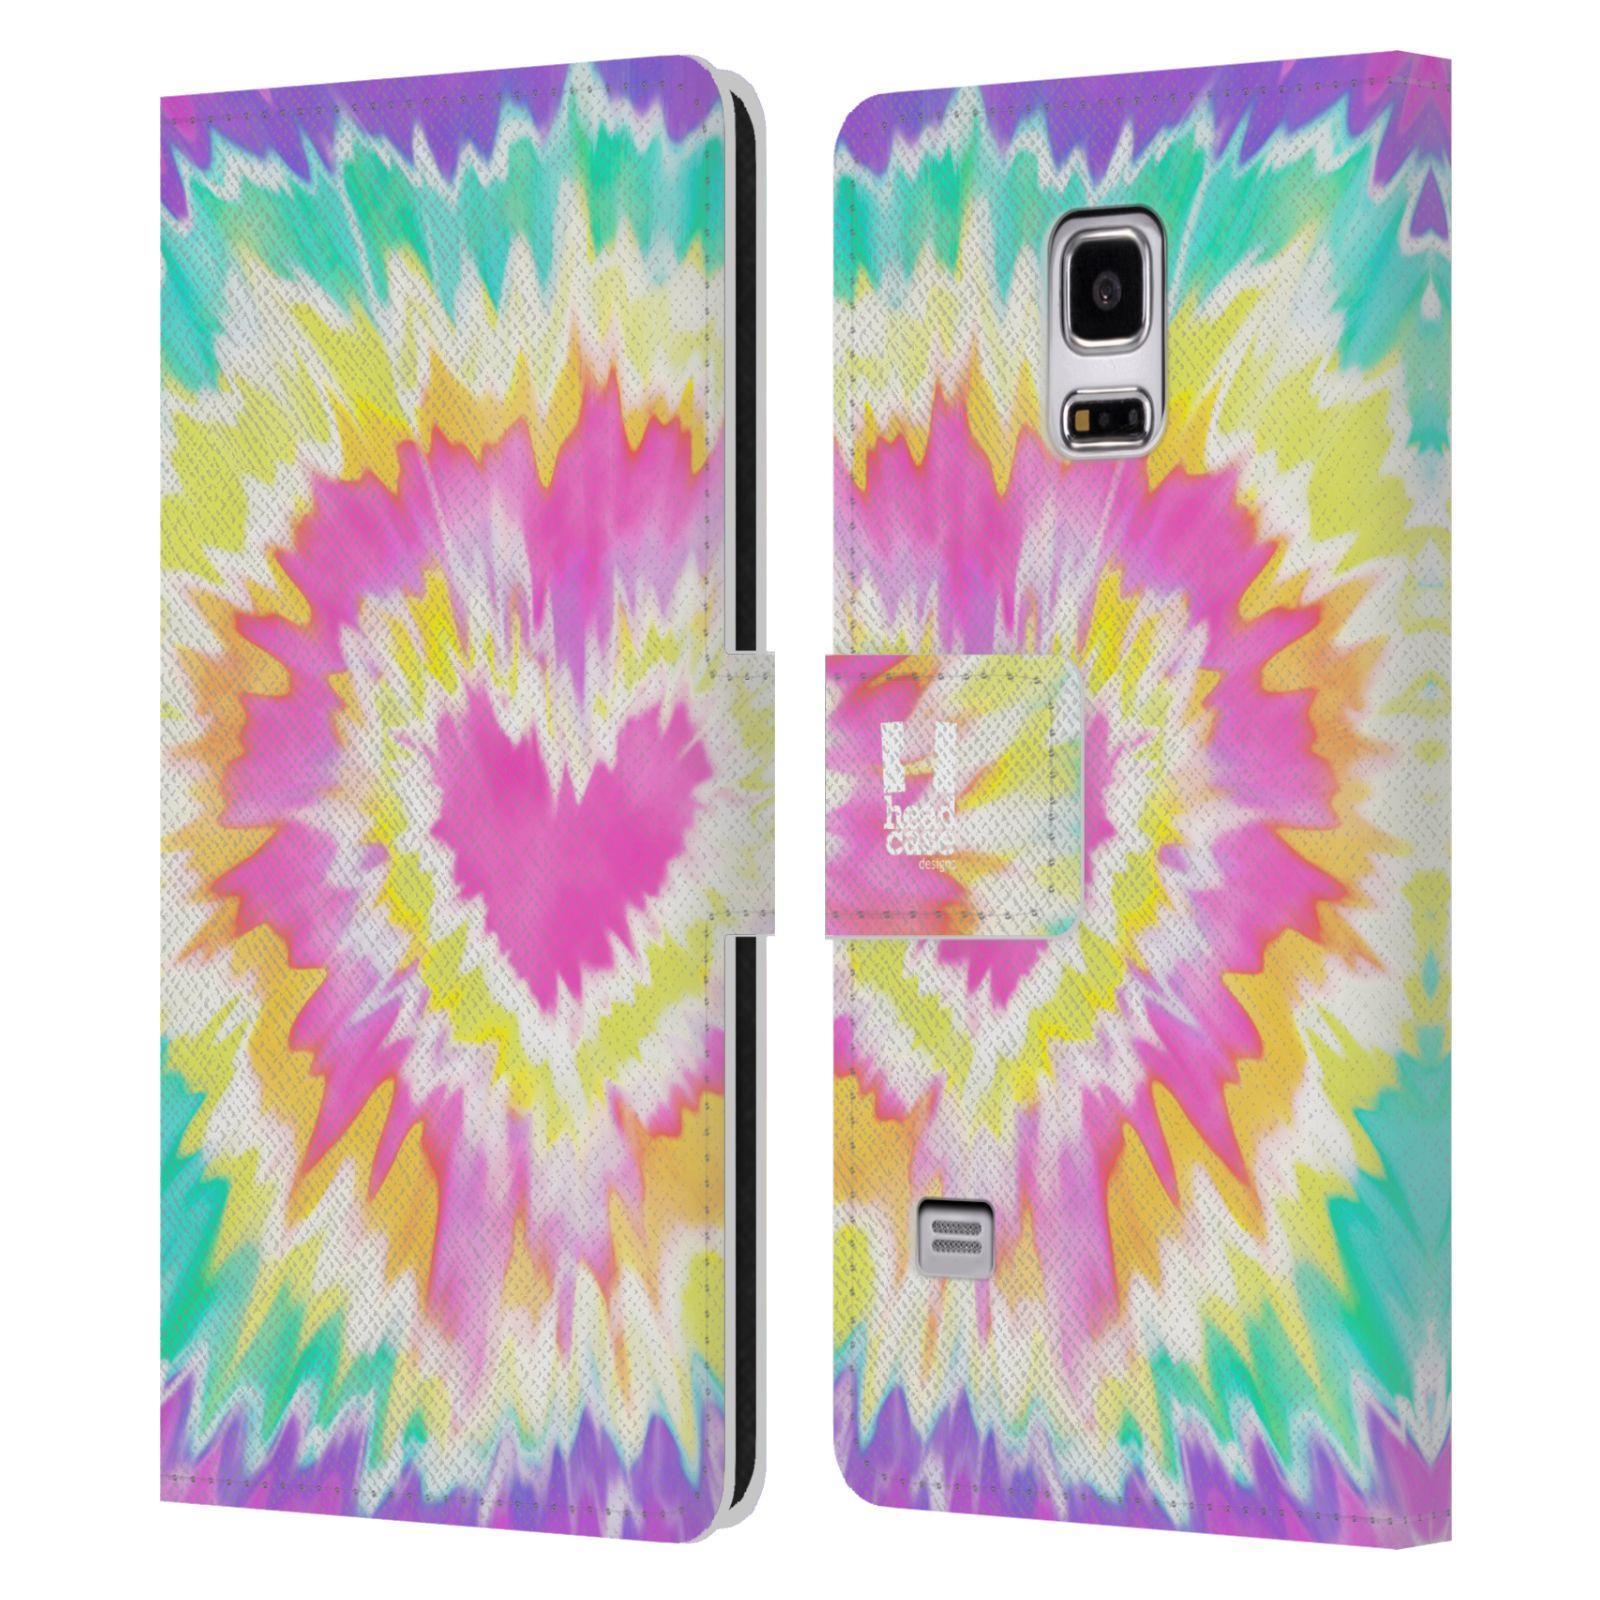 HEAD CASE Flipové pouzdro pro mobil Samsung Galaxy S5 MINI / S5 MINI DUOS umělecká malba srdce růžová